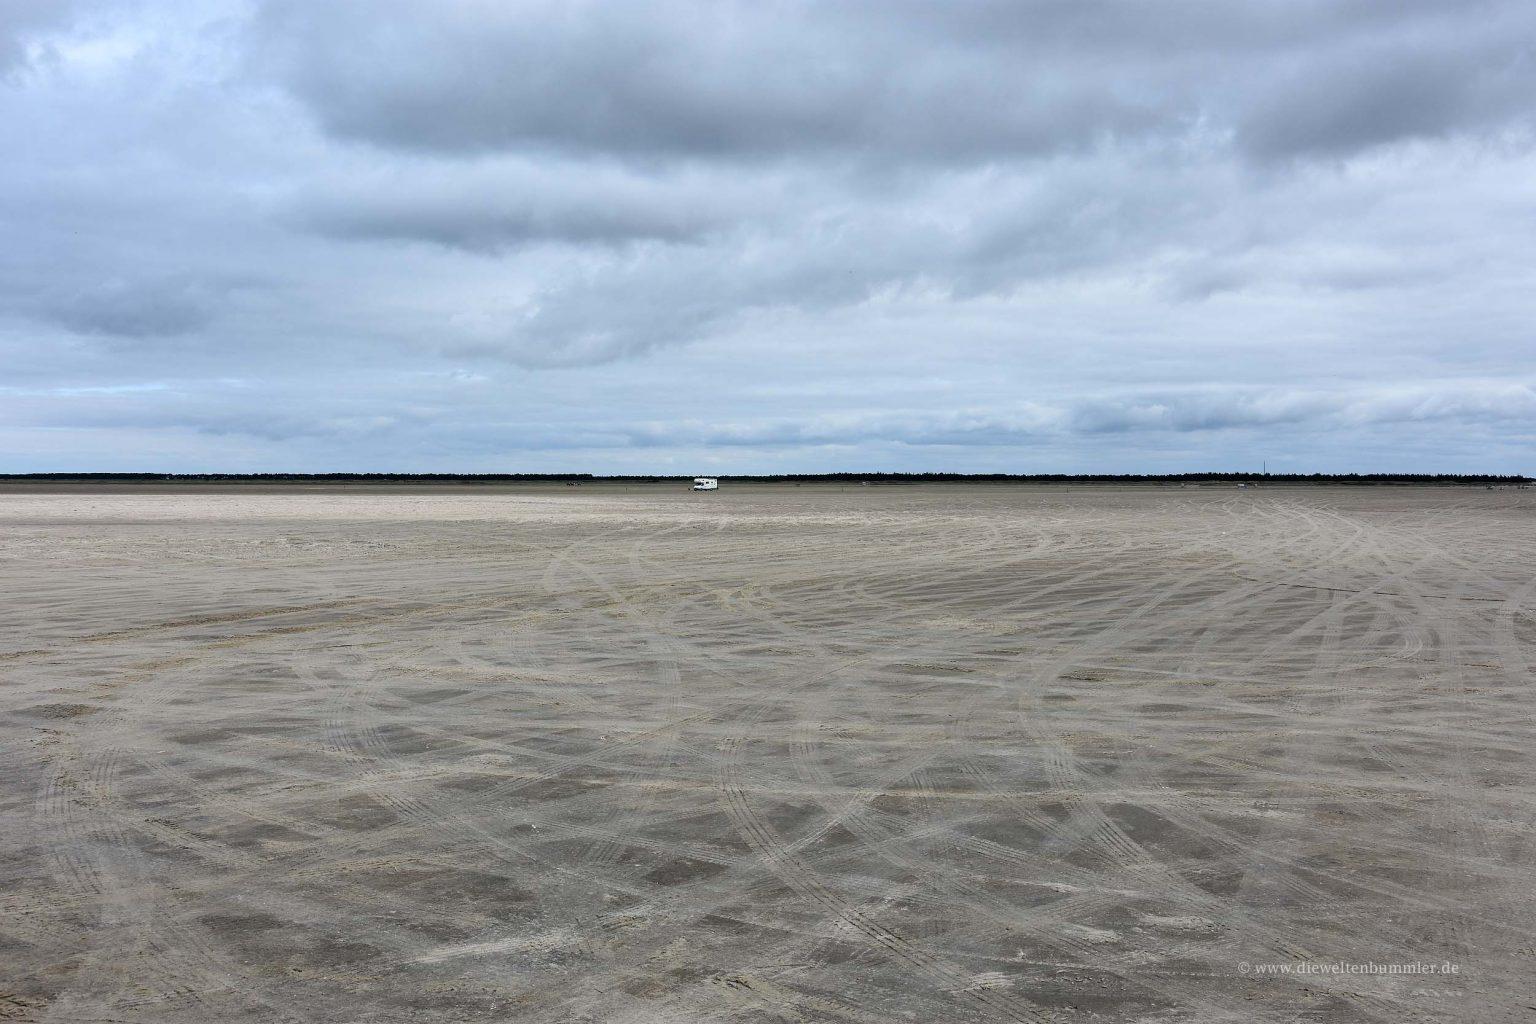 Der Strand kann mit dem Auto befahren werden